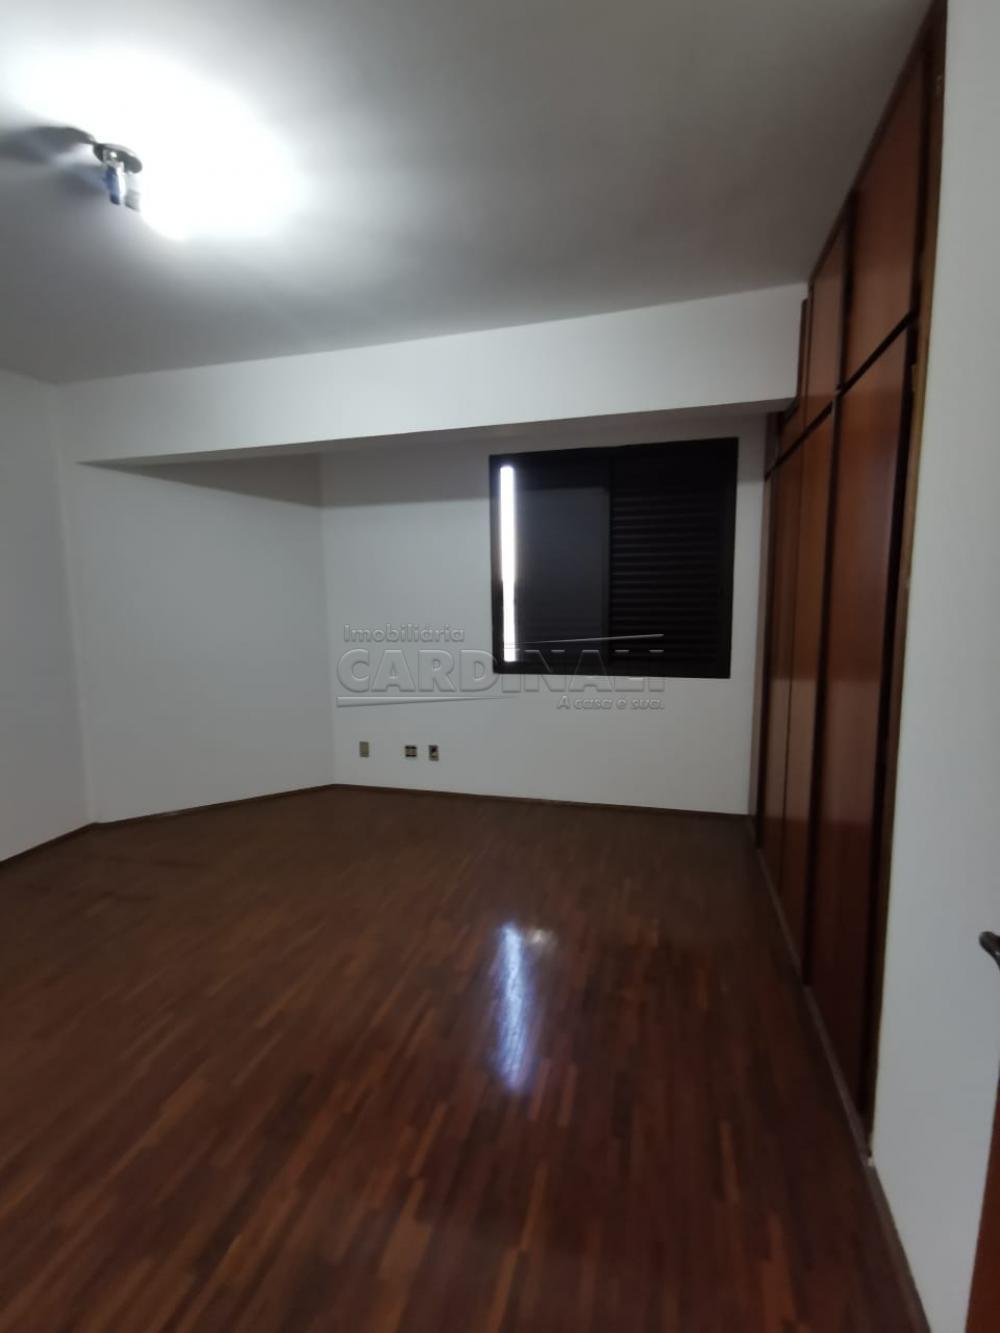 Alugar Apartamento / Padrão em Araraquara R$ 1.500,00 - Foto 13